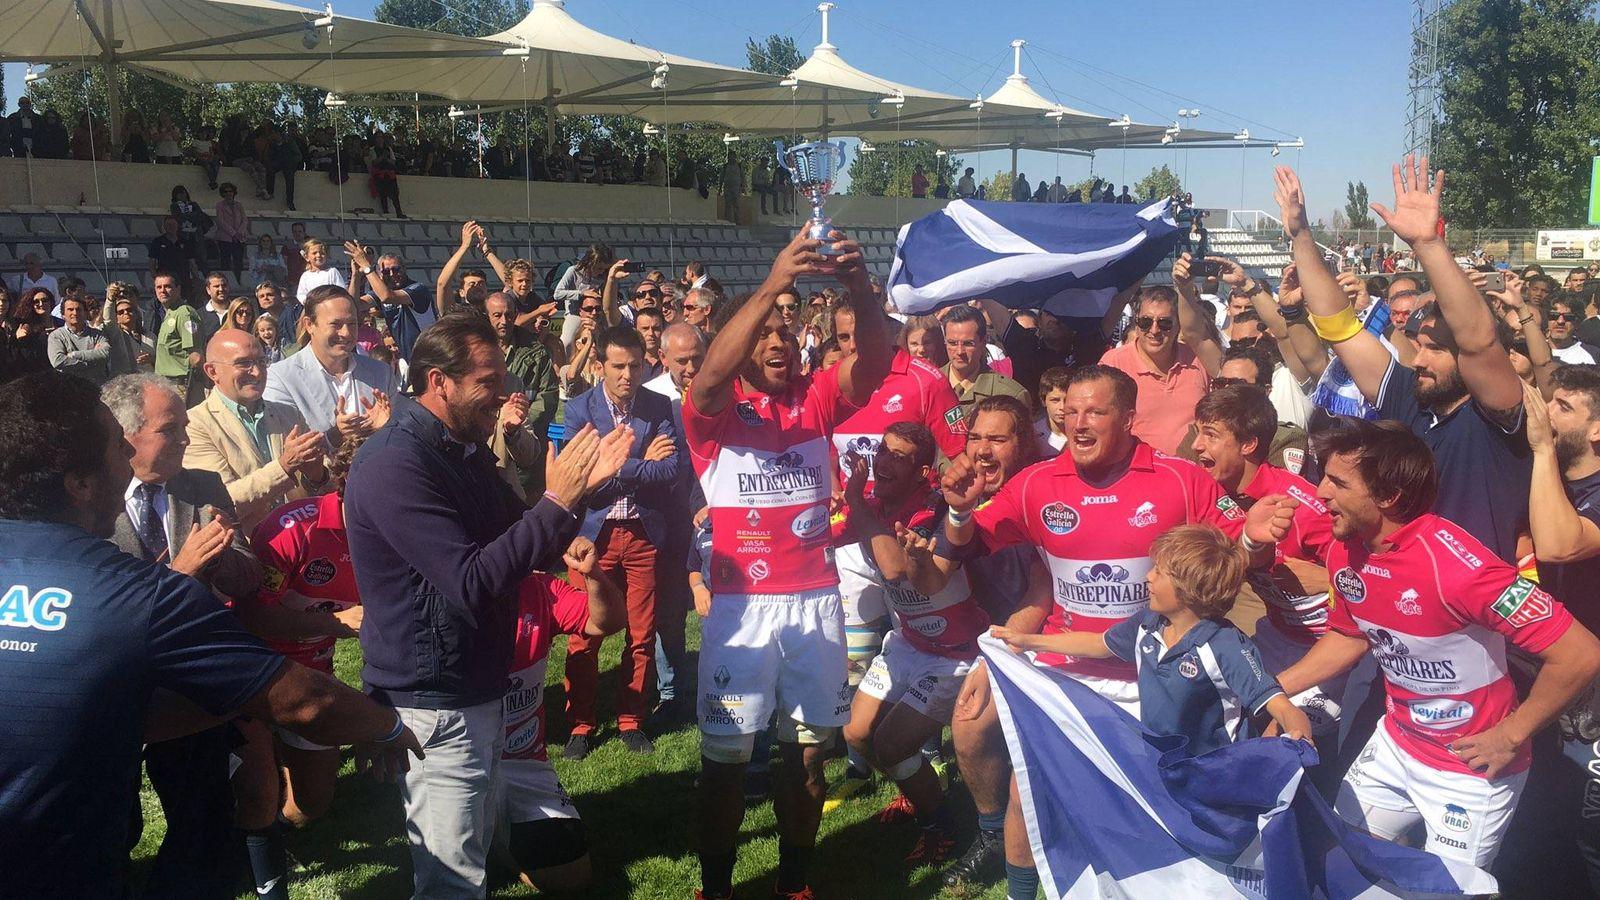 Foto: El VRAC ganó su quinta Supercopa consecutiva (Ayuntamiento de Valladolid).